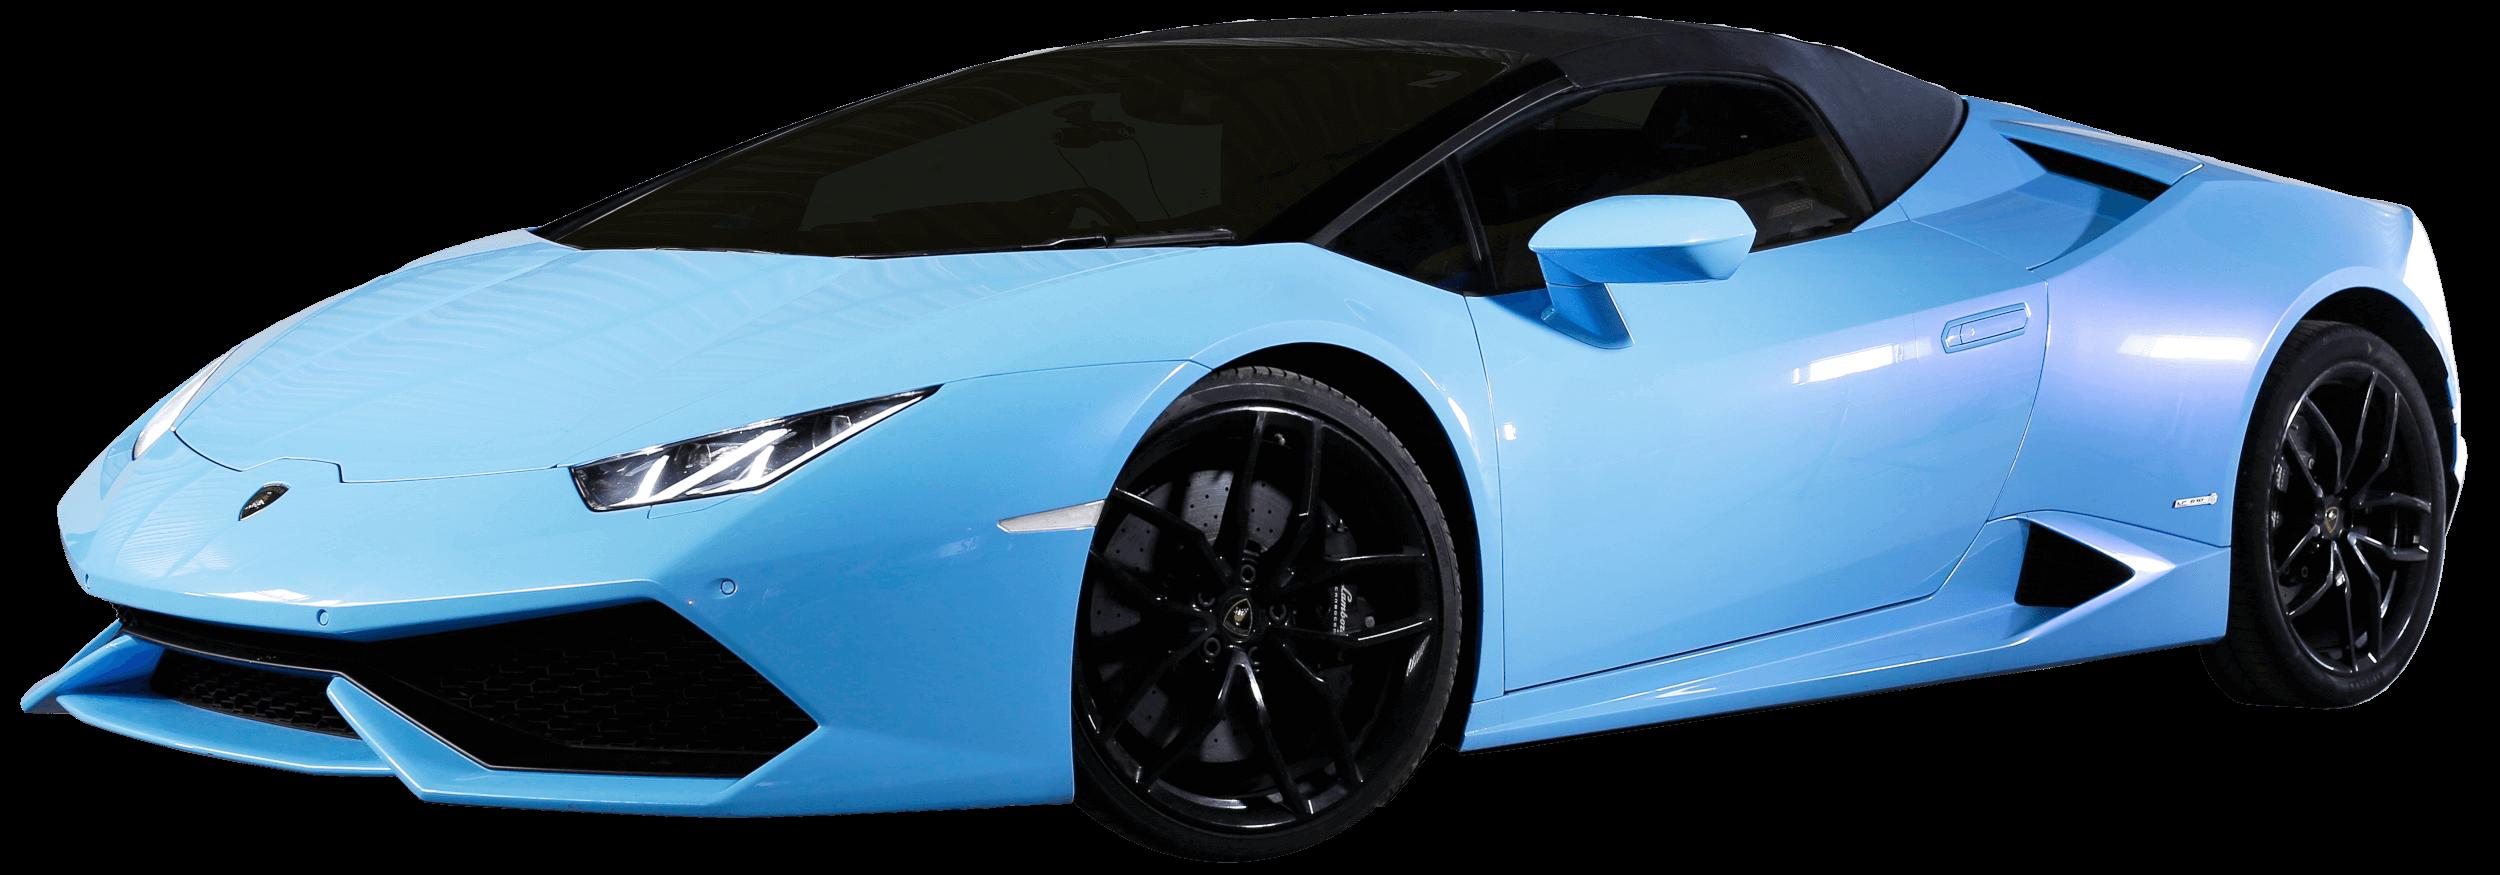 Lamborghini Huracan Back